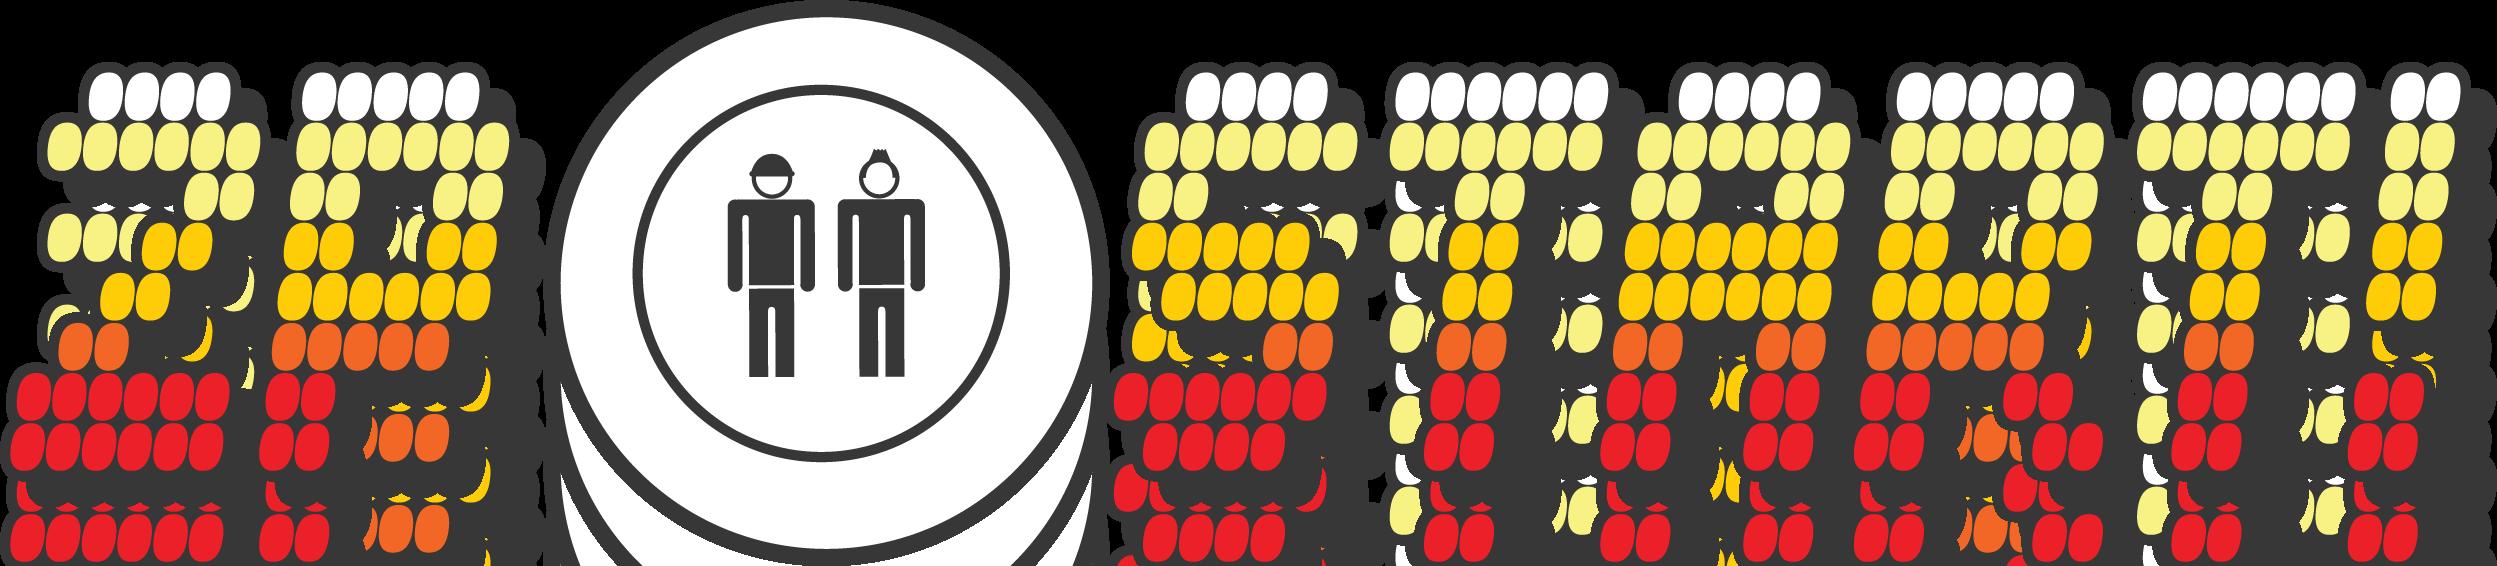 2pstart's Artist Shop Logo